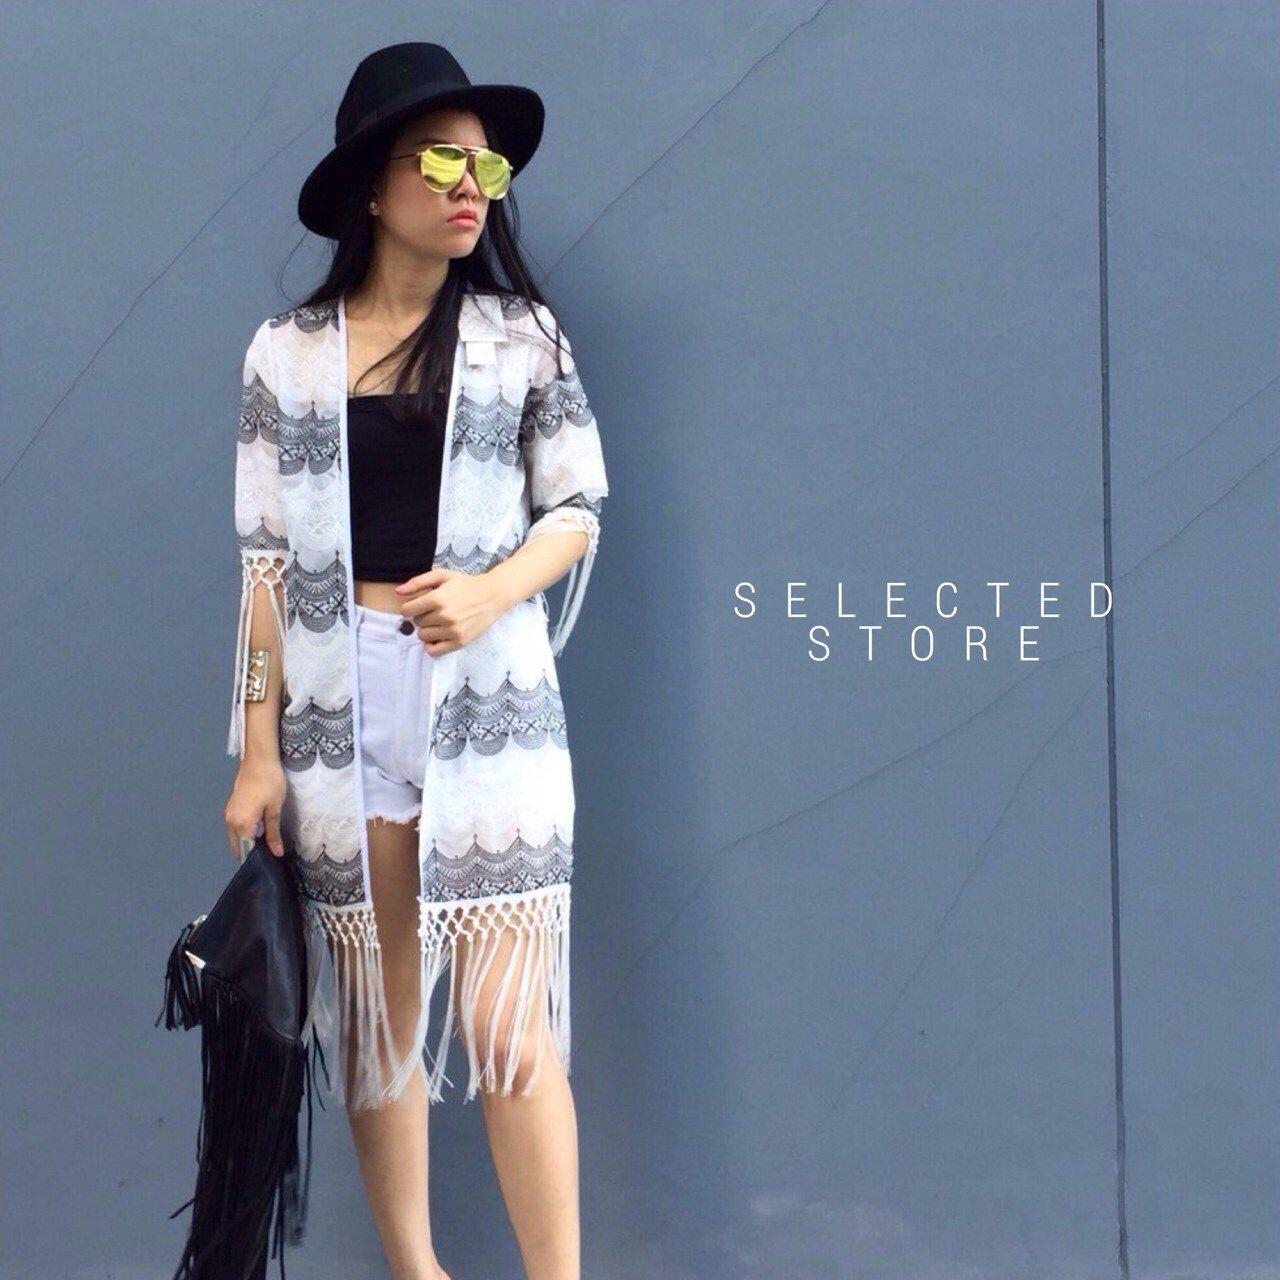 """Blazer Weave✨  เสื้อคลุม ผ้าปักลายสลับขาวดำ เนื้อผ้าอยู่ทรงสวย ลายปักสวยมาก ติดพู่ปลายแขนและชายผ้า น่ารักมากๆ    Size :   อก 40""""  ยาว+พู่ 40""""  ยาว 31""""    สนใจ ติดต่อ :   Facebook   : www.facebook.com/adsdress  Line            : @adsdress Instagram   : @adsdress Tel.              : 0986967889 E-mail         : adsdress@hotmail.com"""